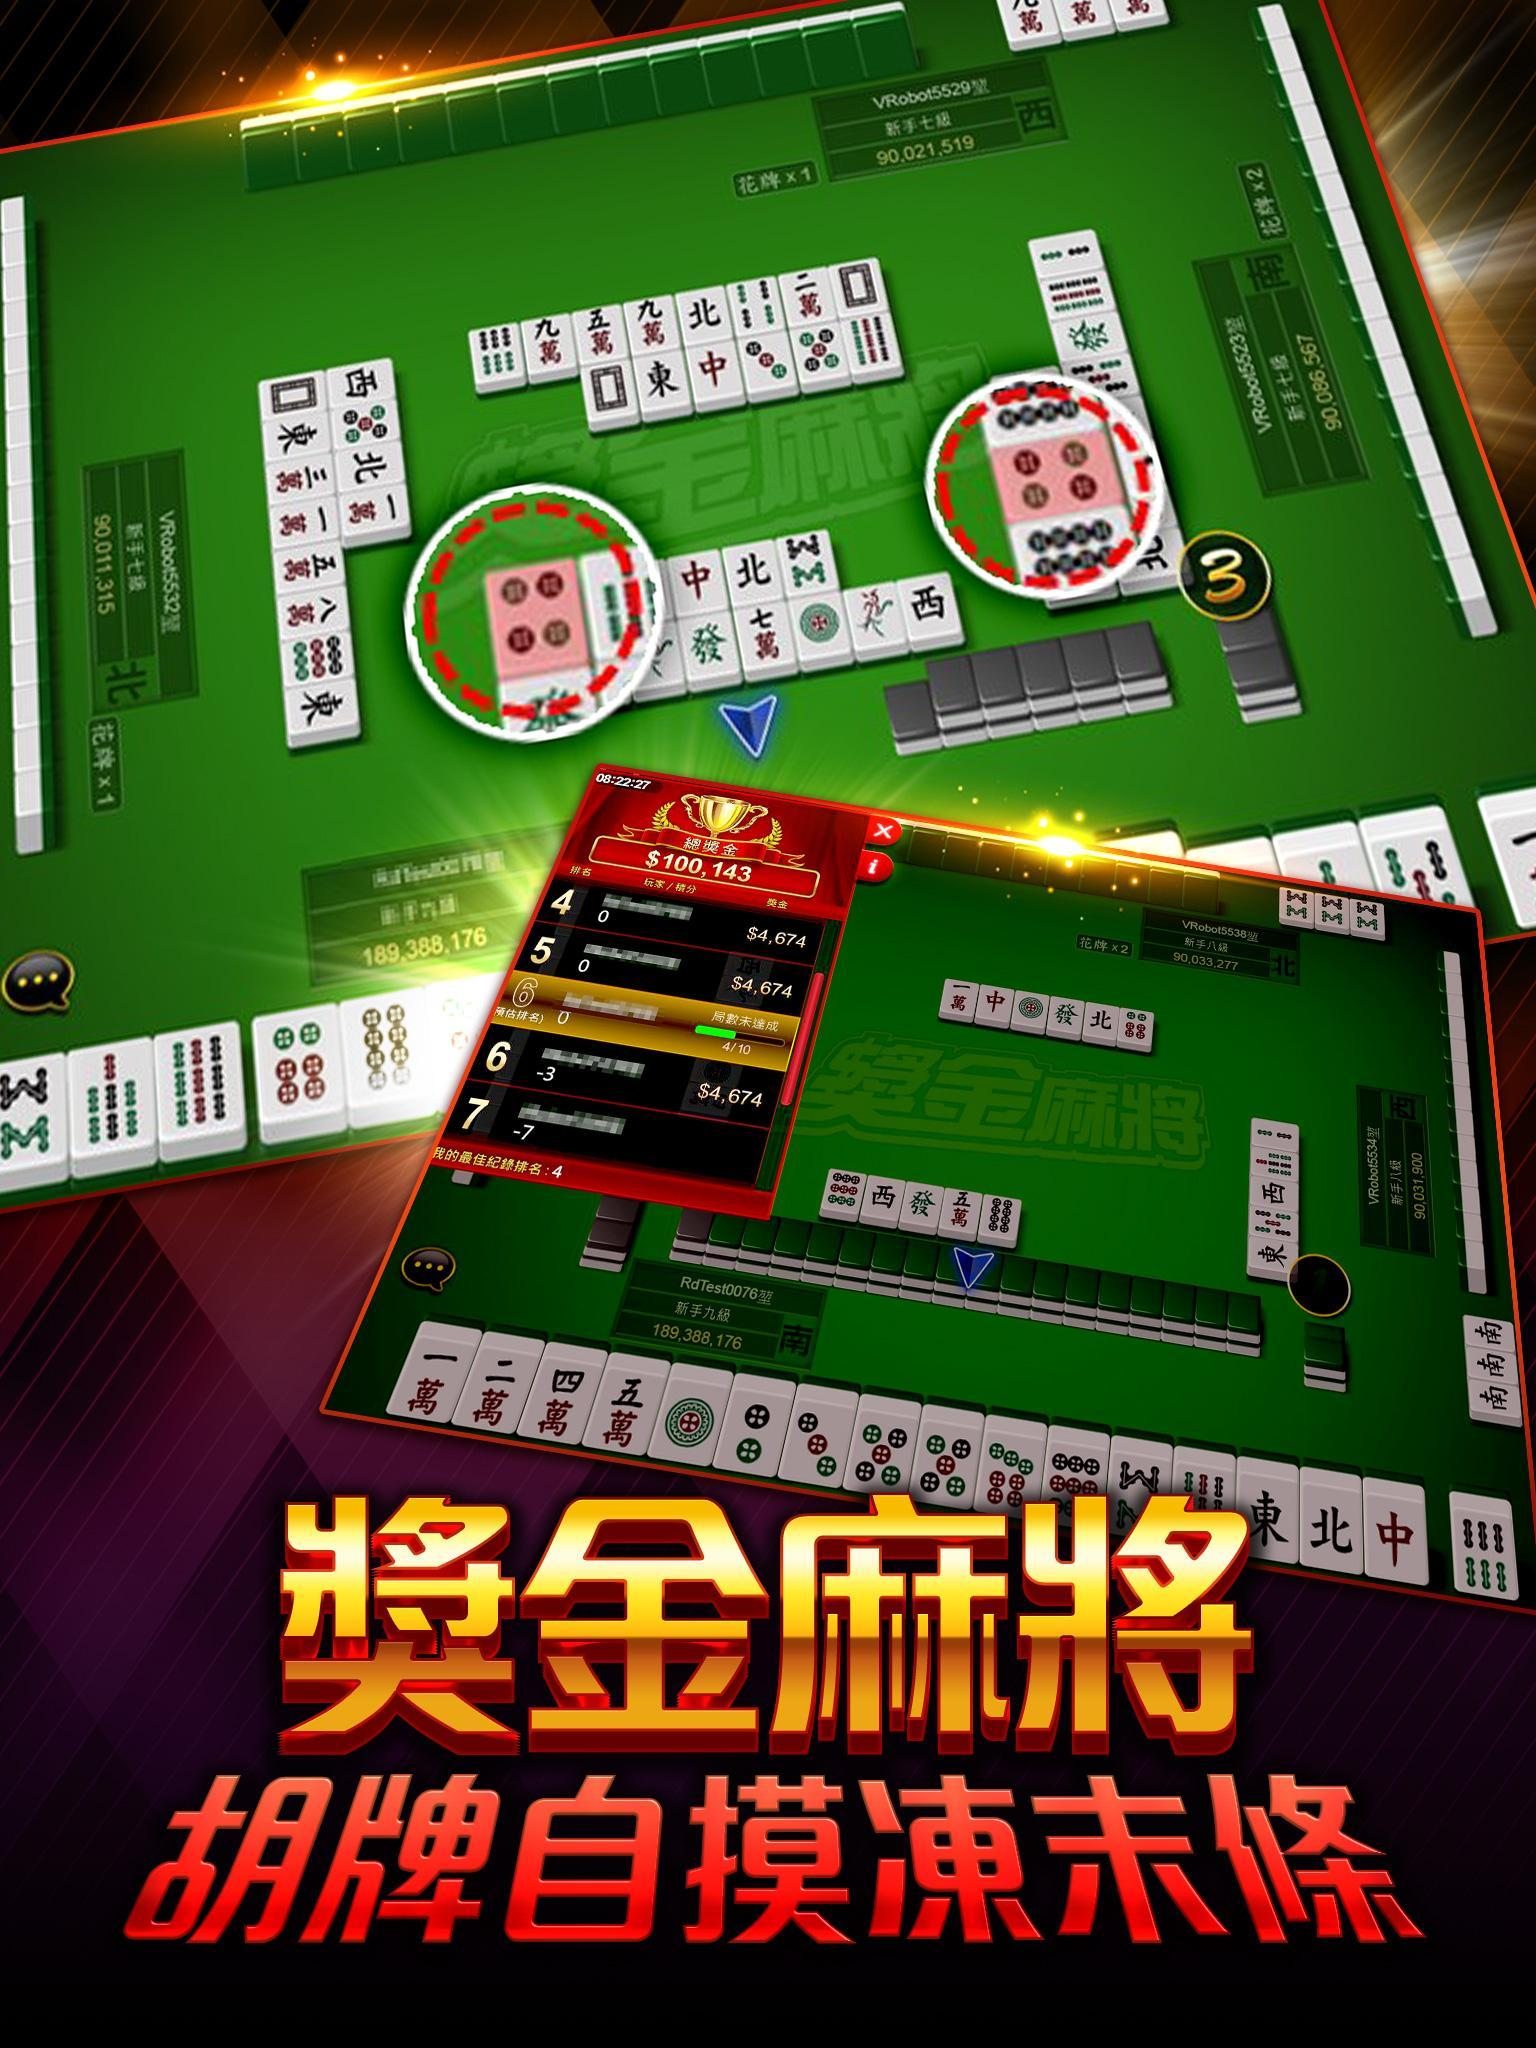 老子有錢 麻將、捕魚、老虎機、百家樂、柏青斯洛 2.57.1320 Screenshot 19